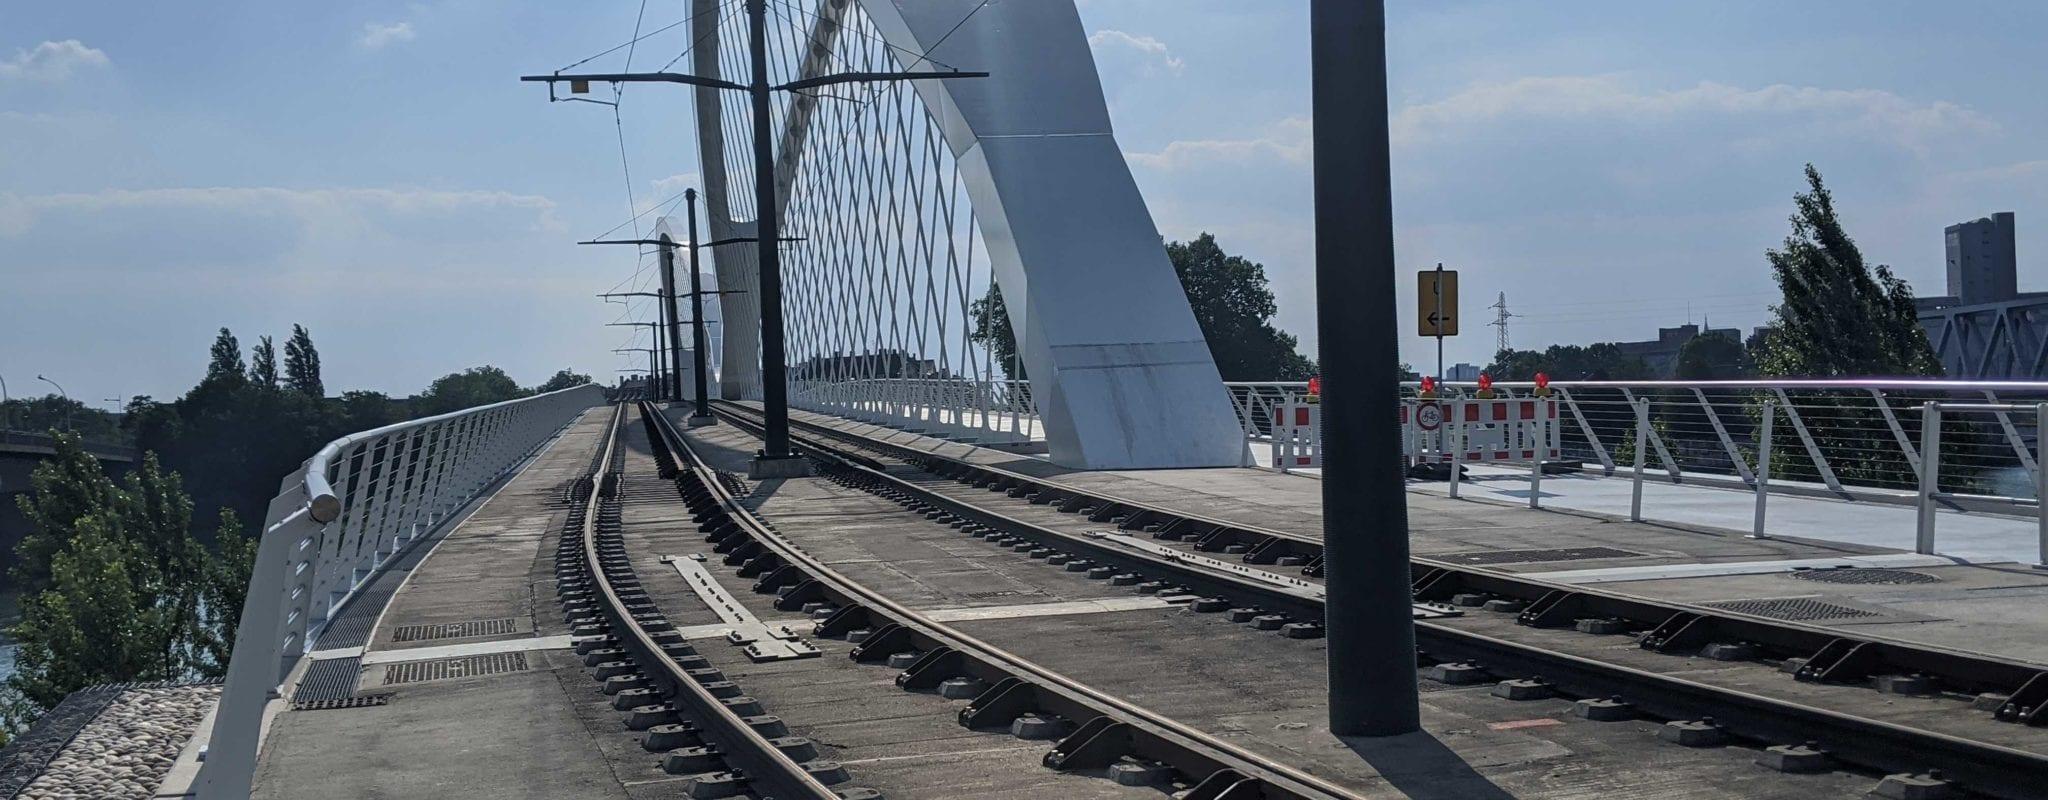 Le tramway de Strasbourg autorisé à retourner à Kehl